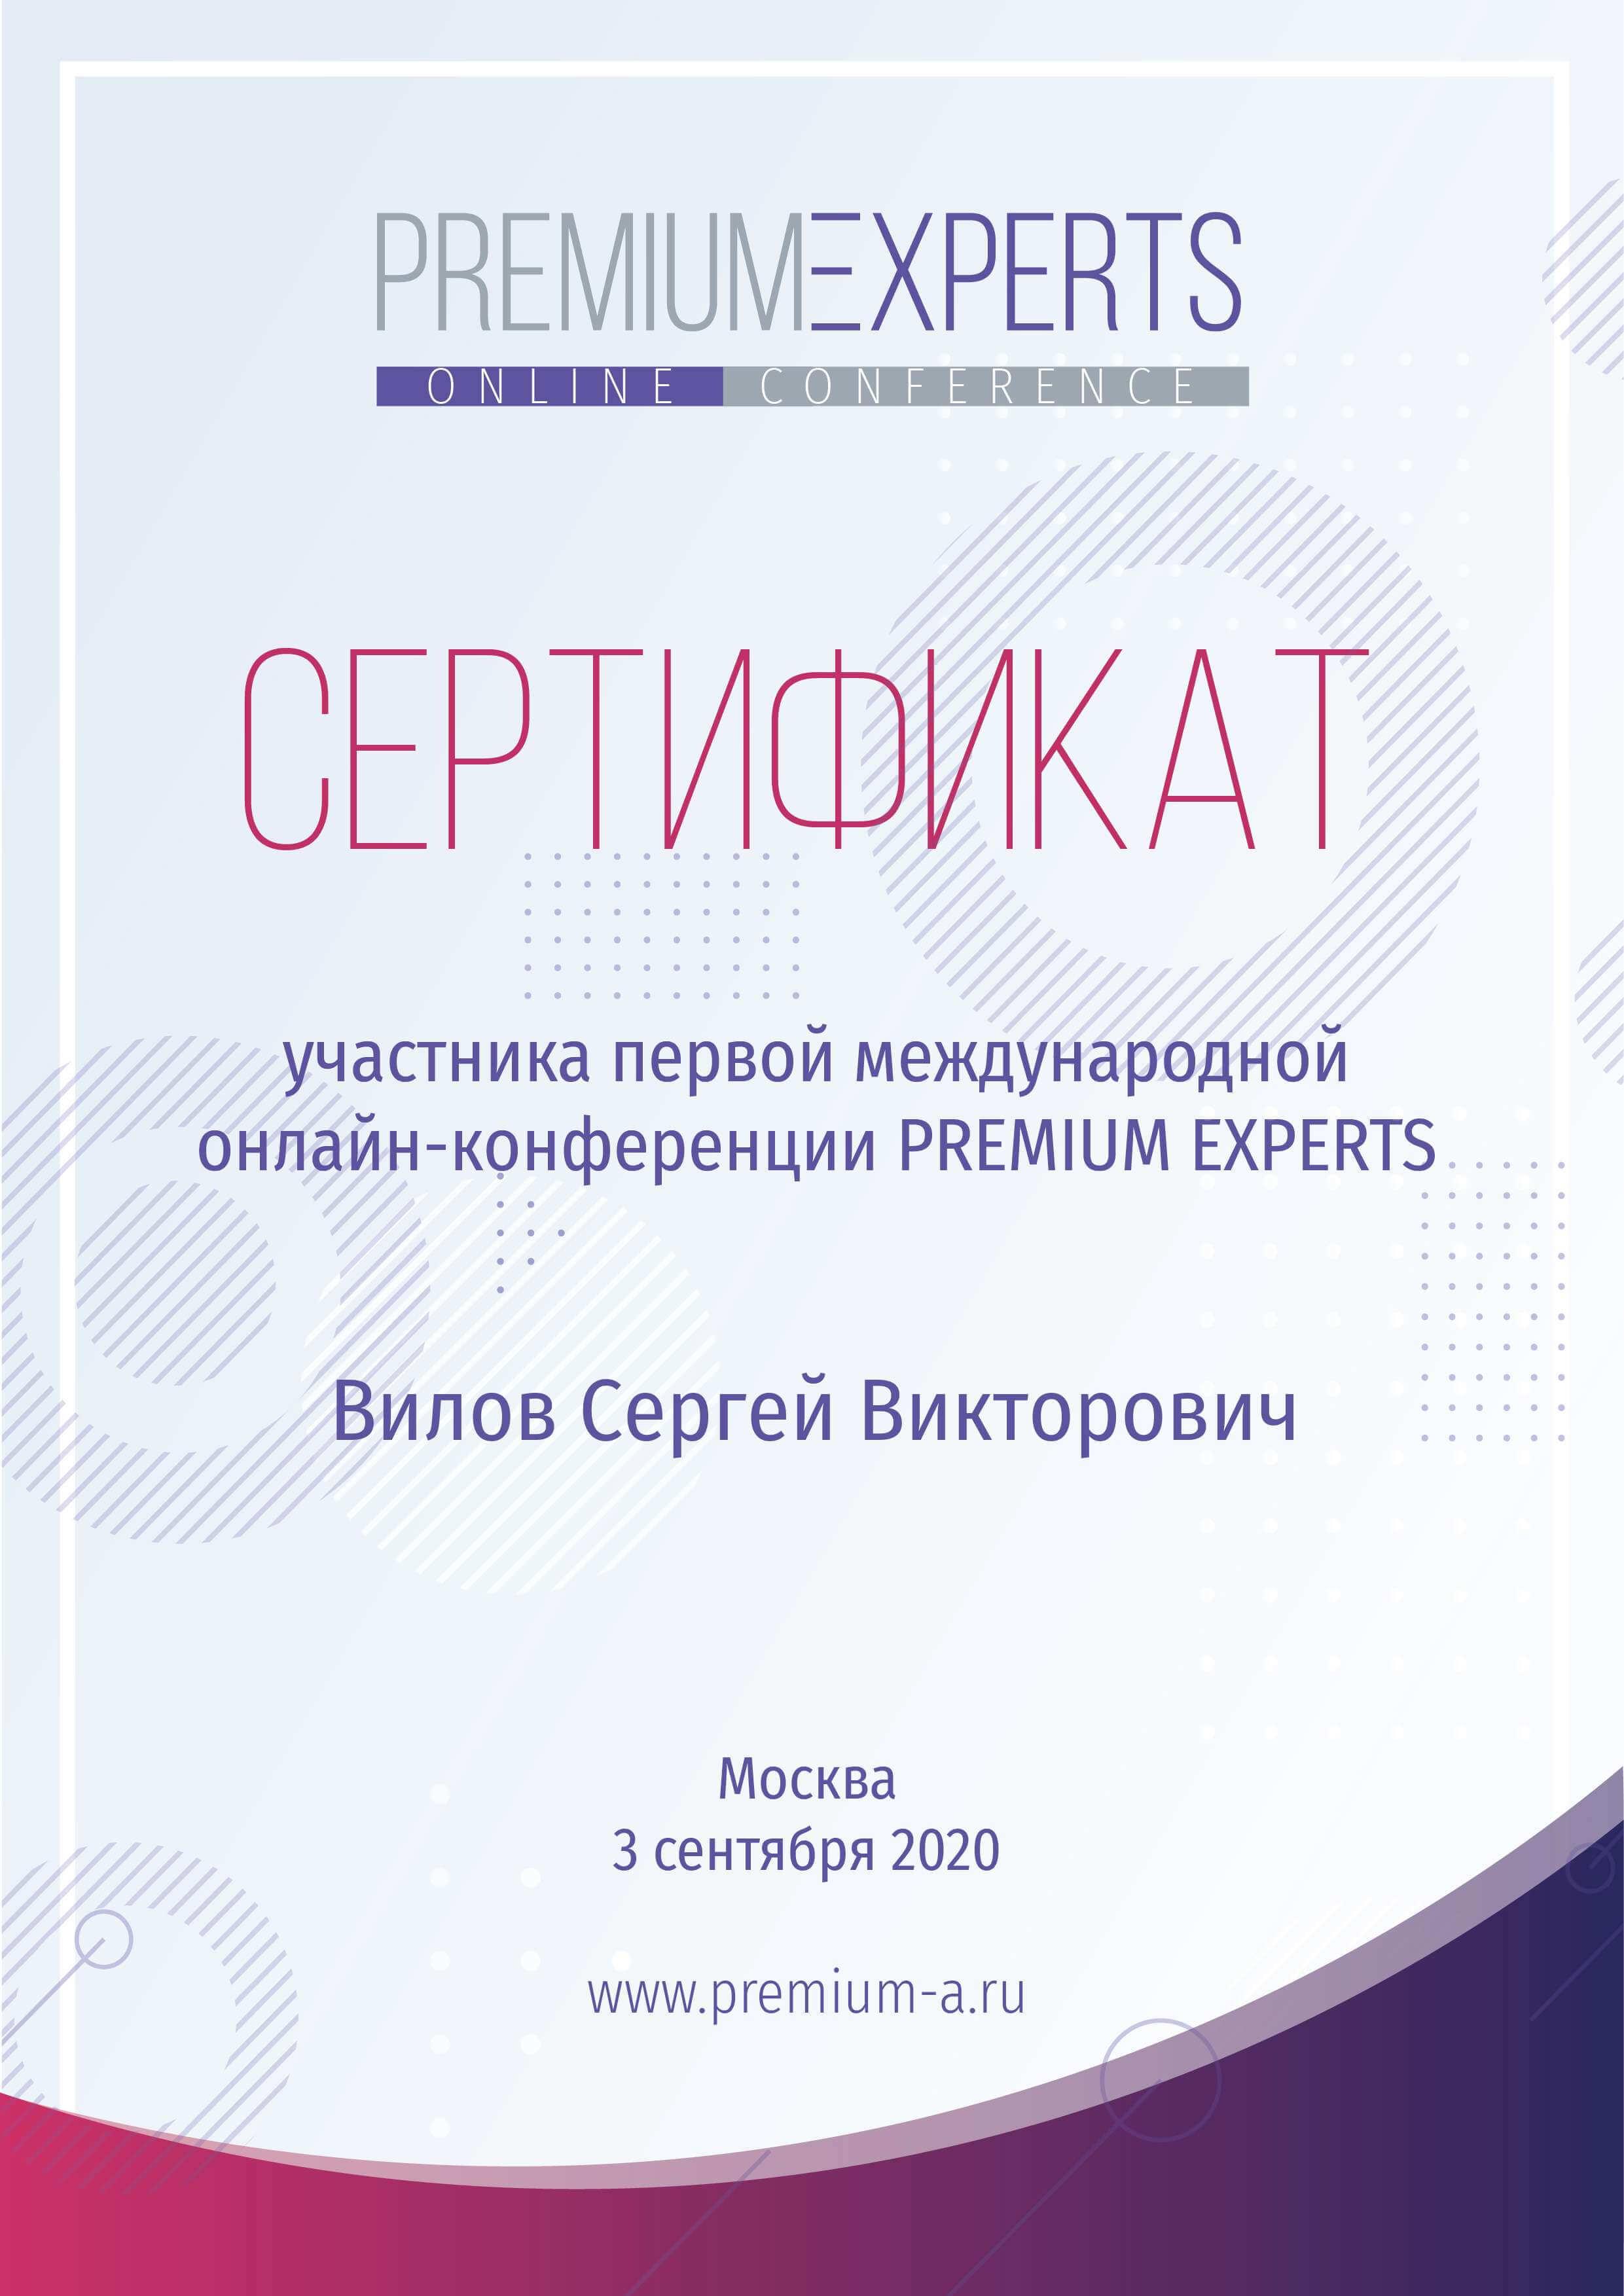 vidov-serghei-2020